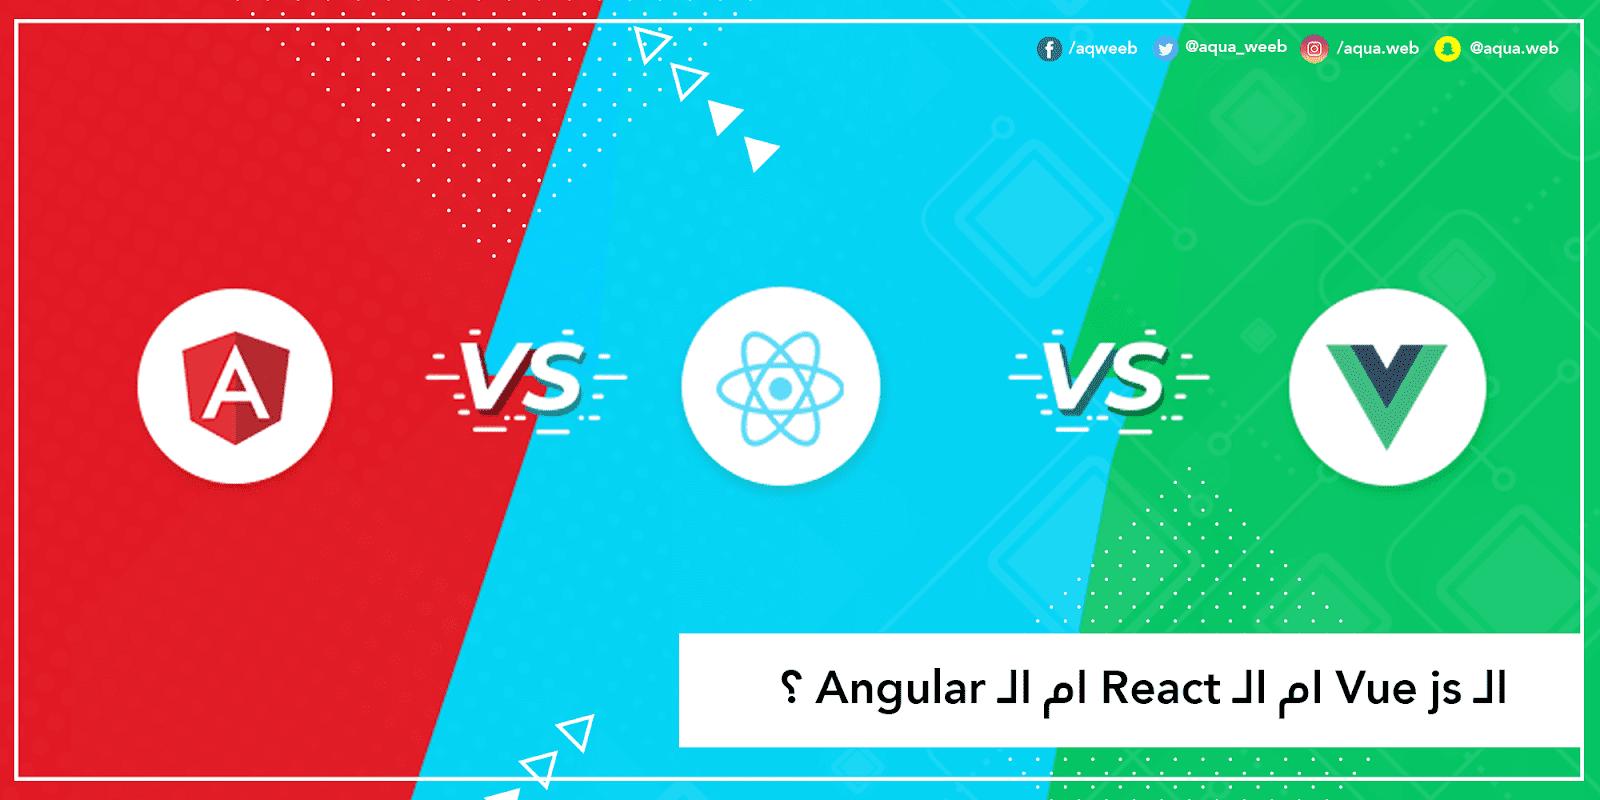 من الأفضل : الـ Vue js ام الـ React ام الـ Angular ؟